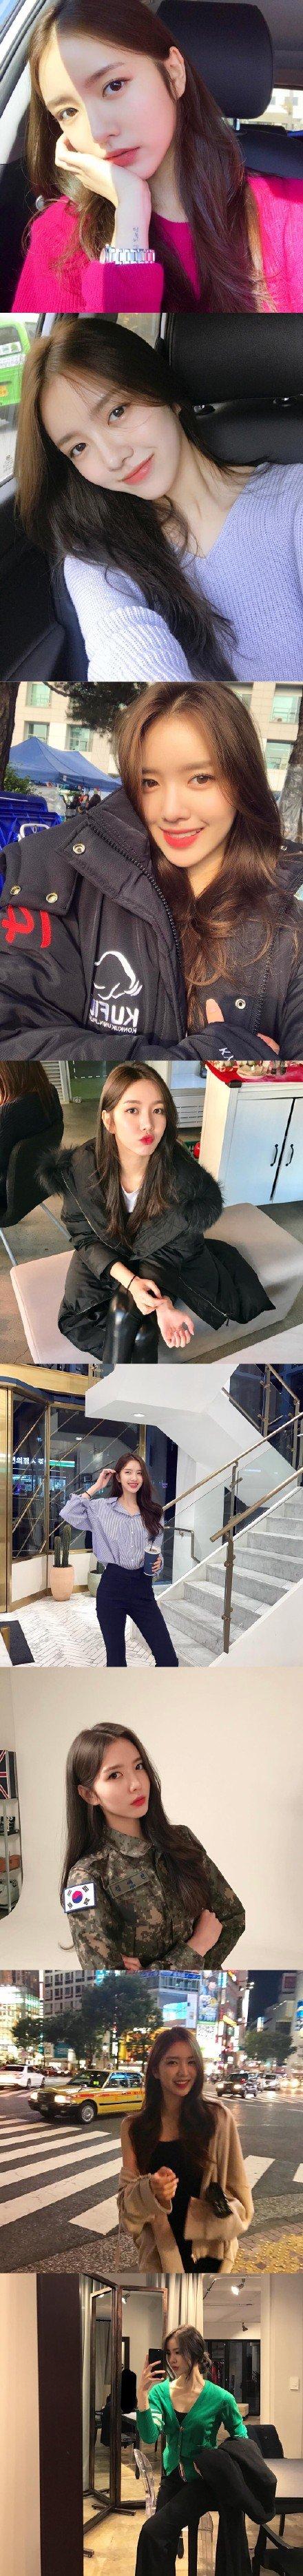 妹子图:Yerinxk,超好看的韩系小姐姐 涨姿势 第1张